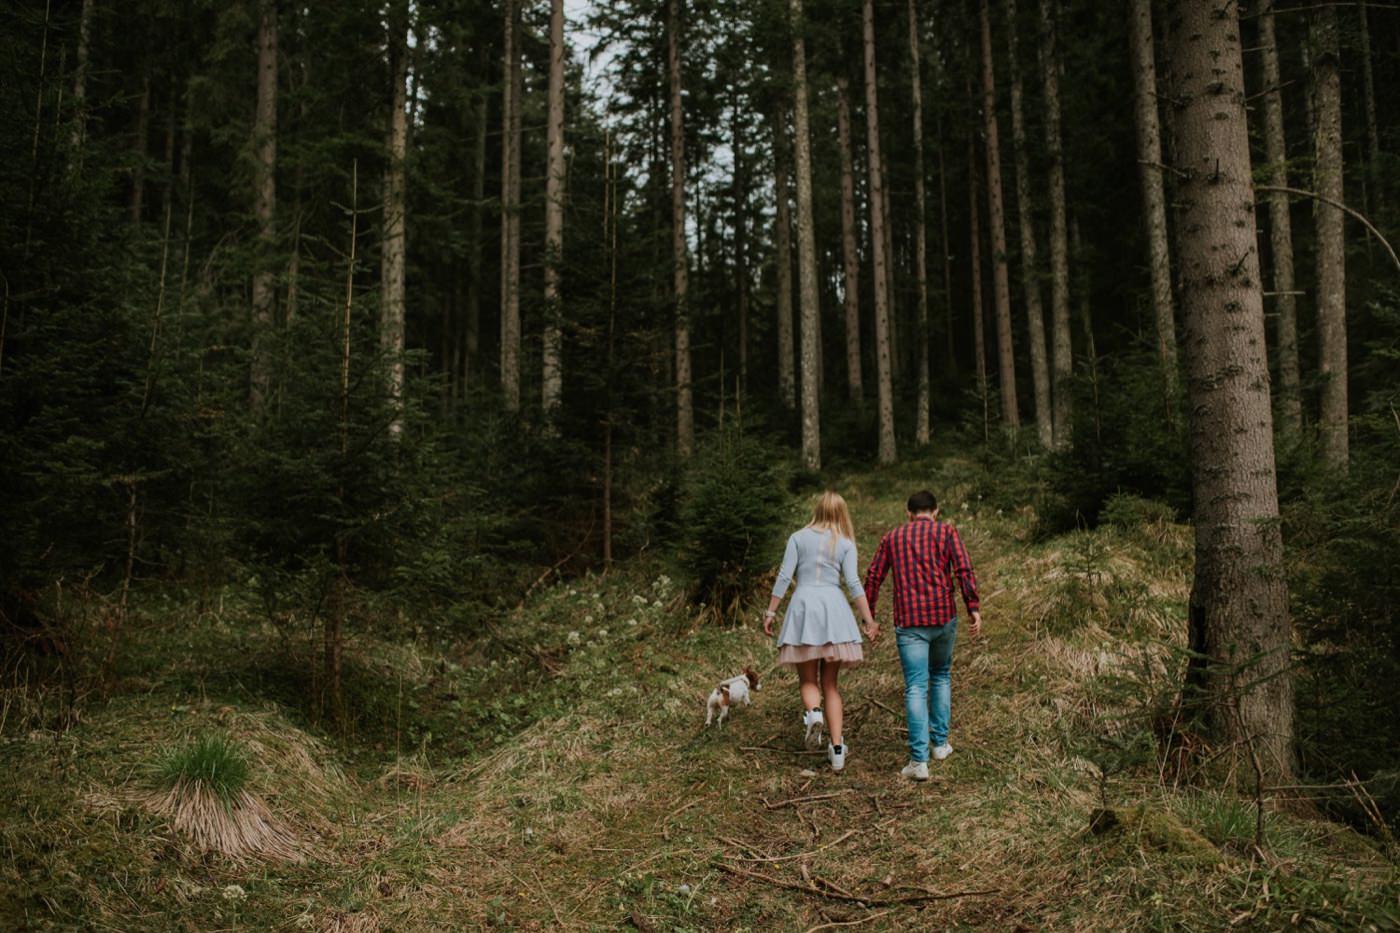 lesna sesja narzeczenska z psem, lesna sesja narzeczenska, sesja narzeczenska, sesja narzeczenska w gorach, sesja narzeczenska w tatrach, fotograf slubny, zdjecia slubne, plener slubny